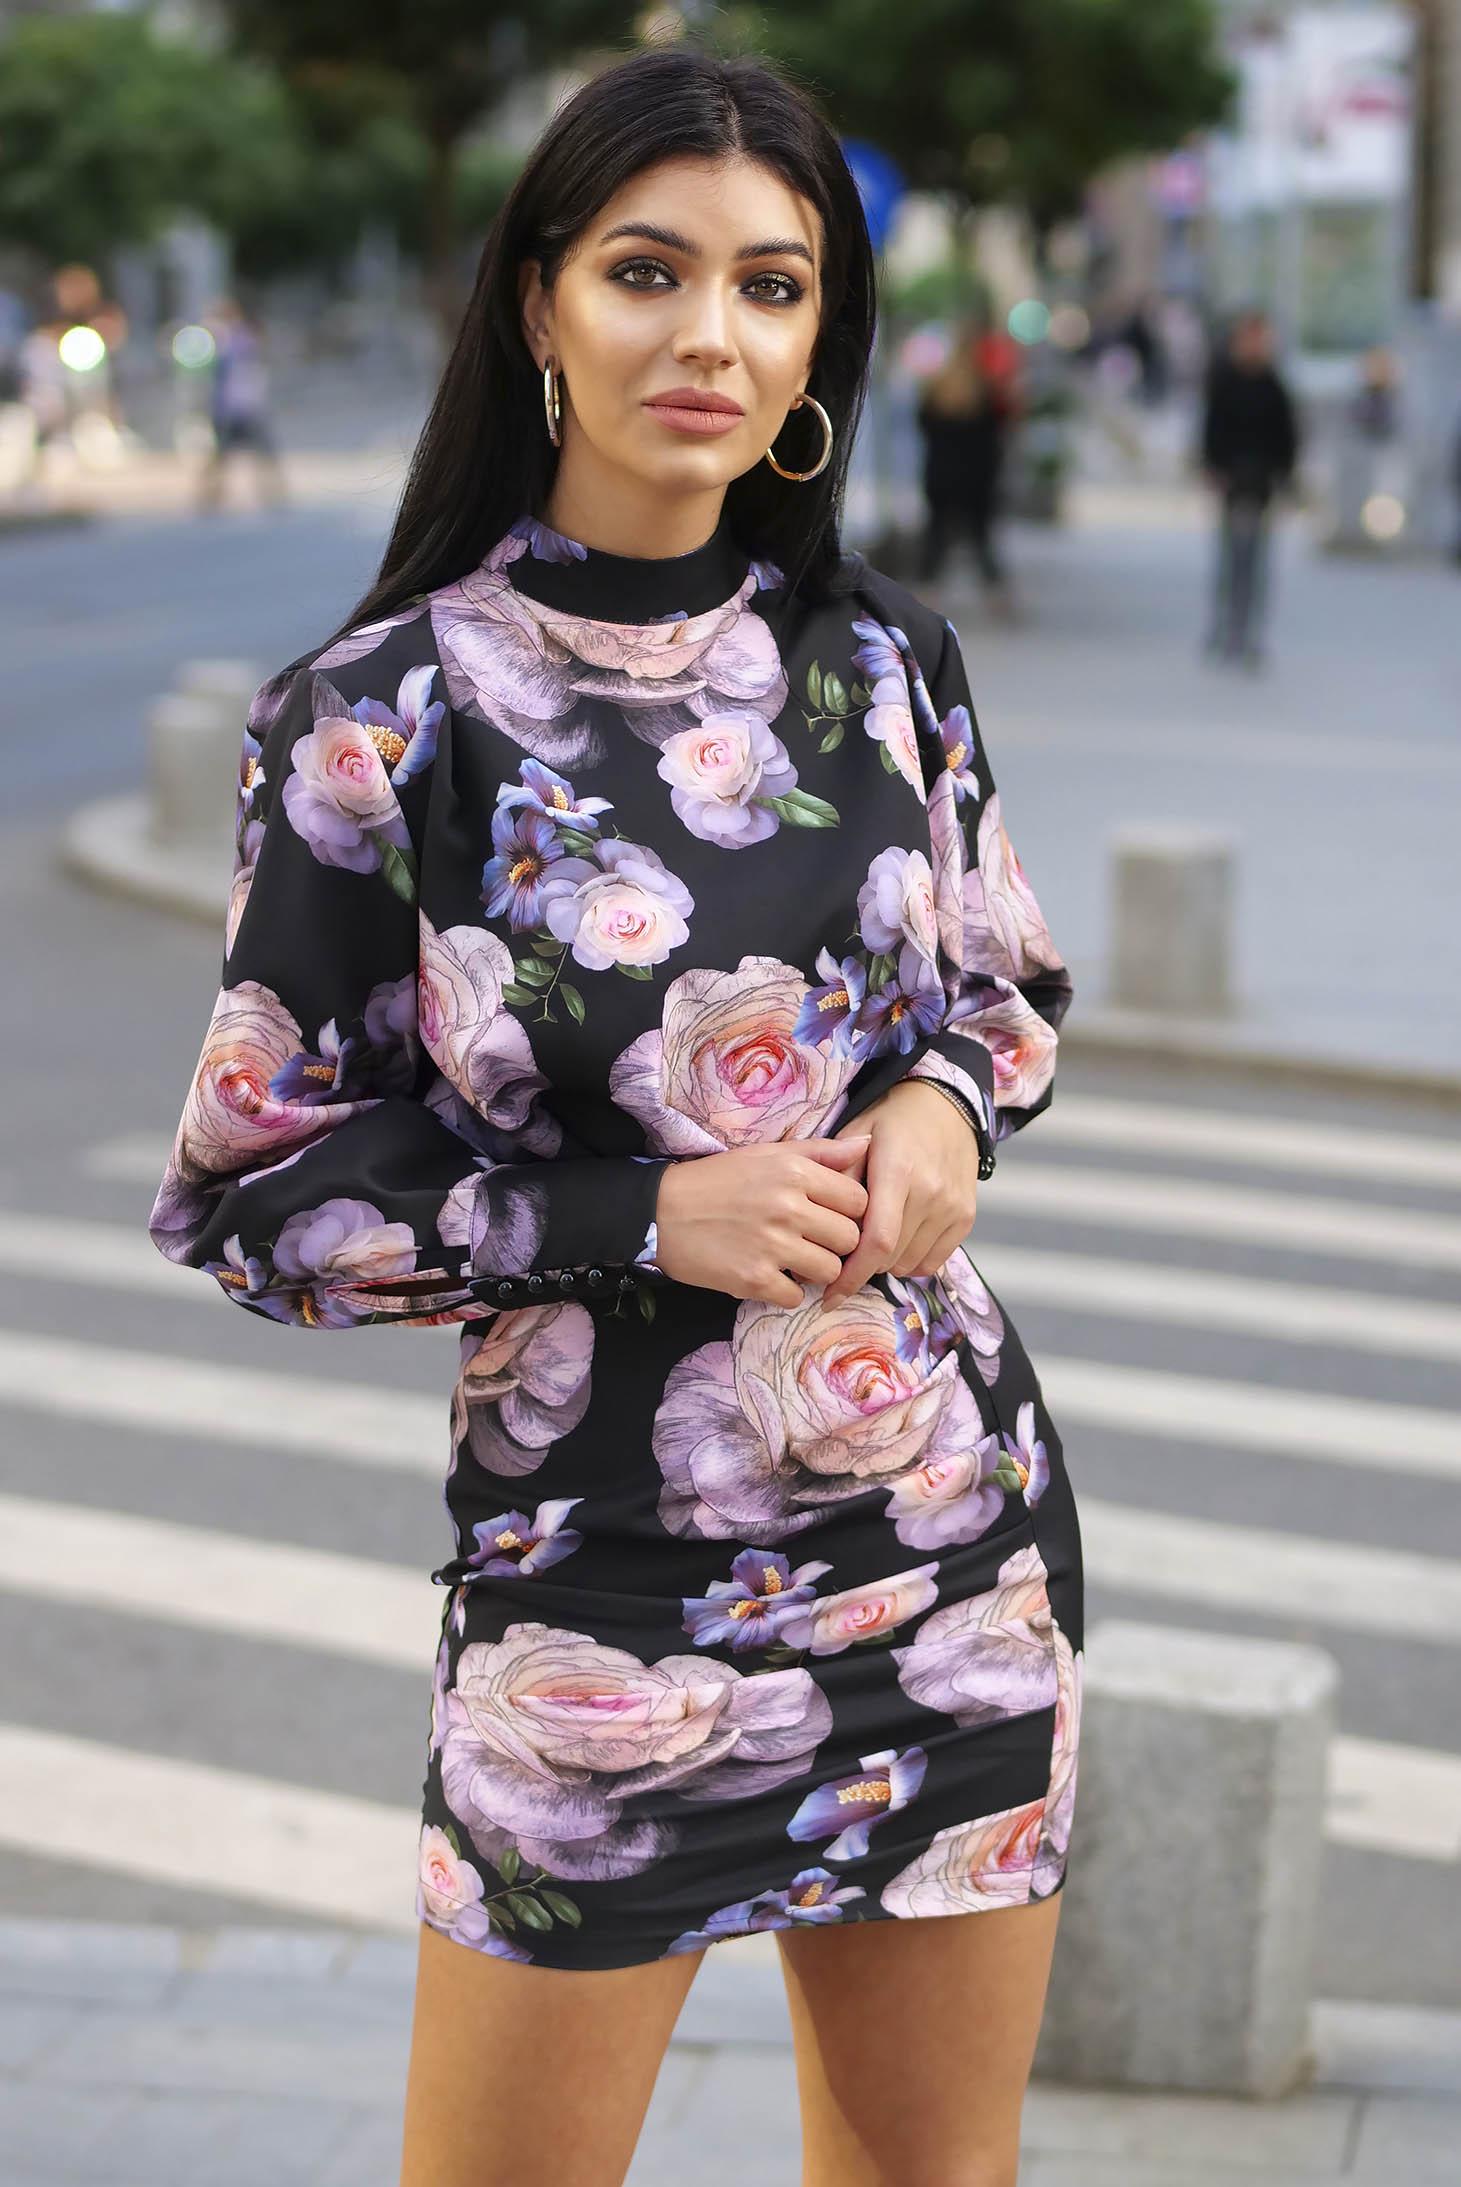 Fekete elegáns szűk szabású bő ujjú ruha enyhén rugalmas szövetből virágmintás díszítéssel